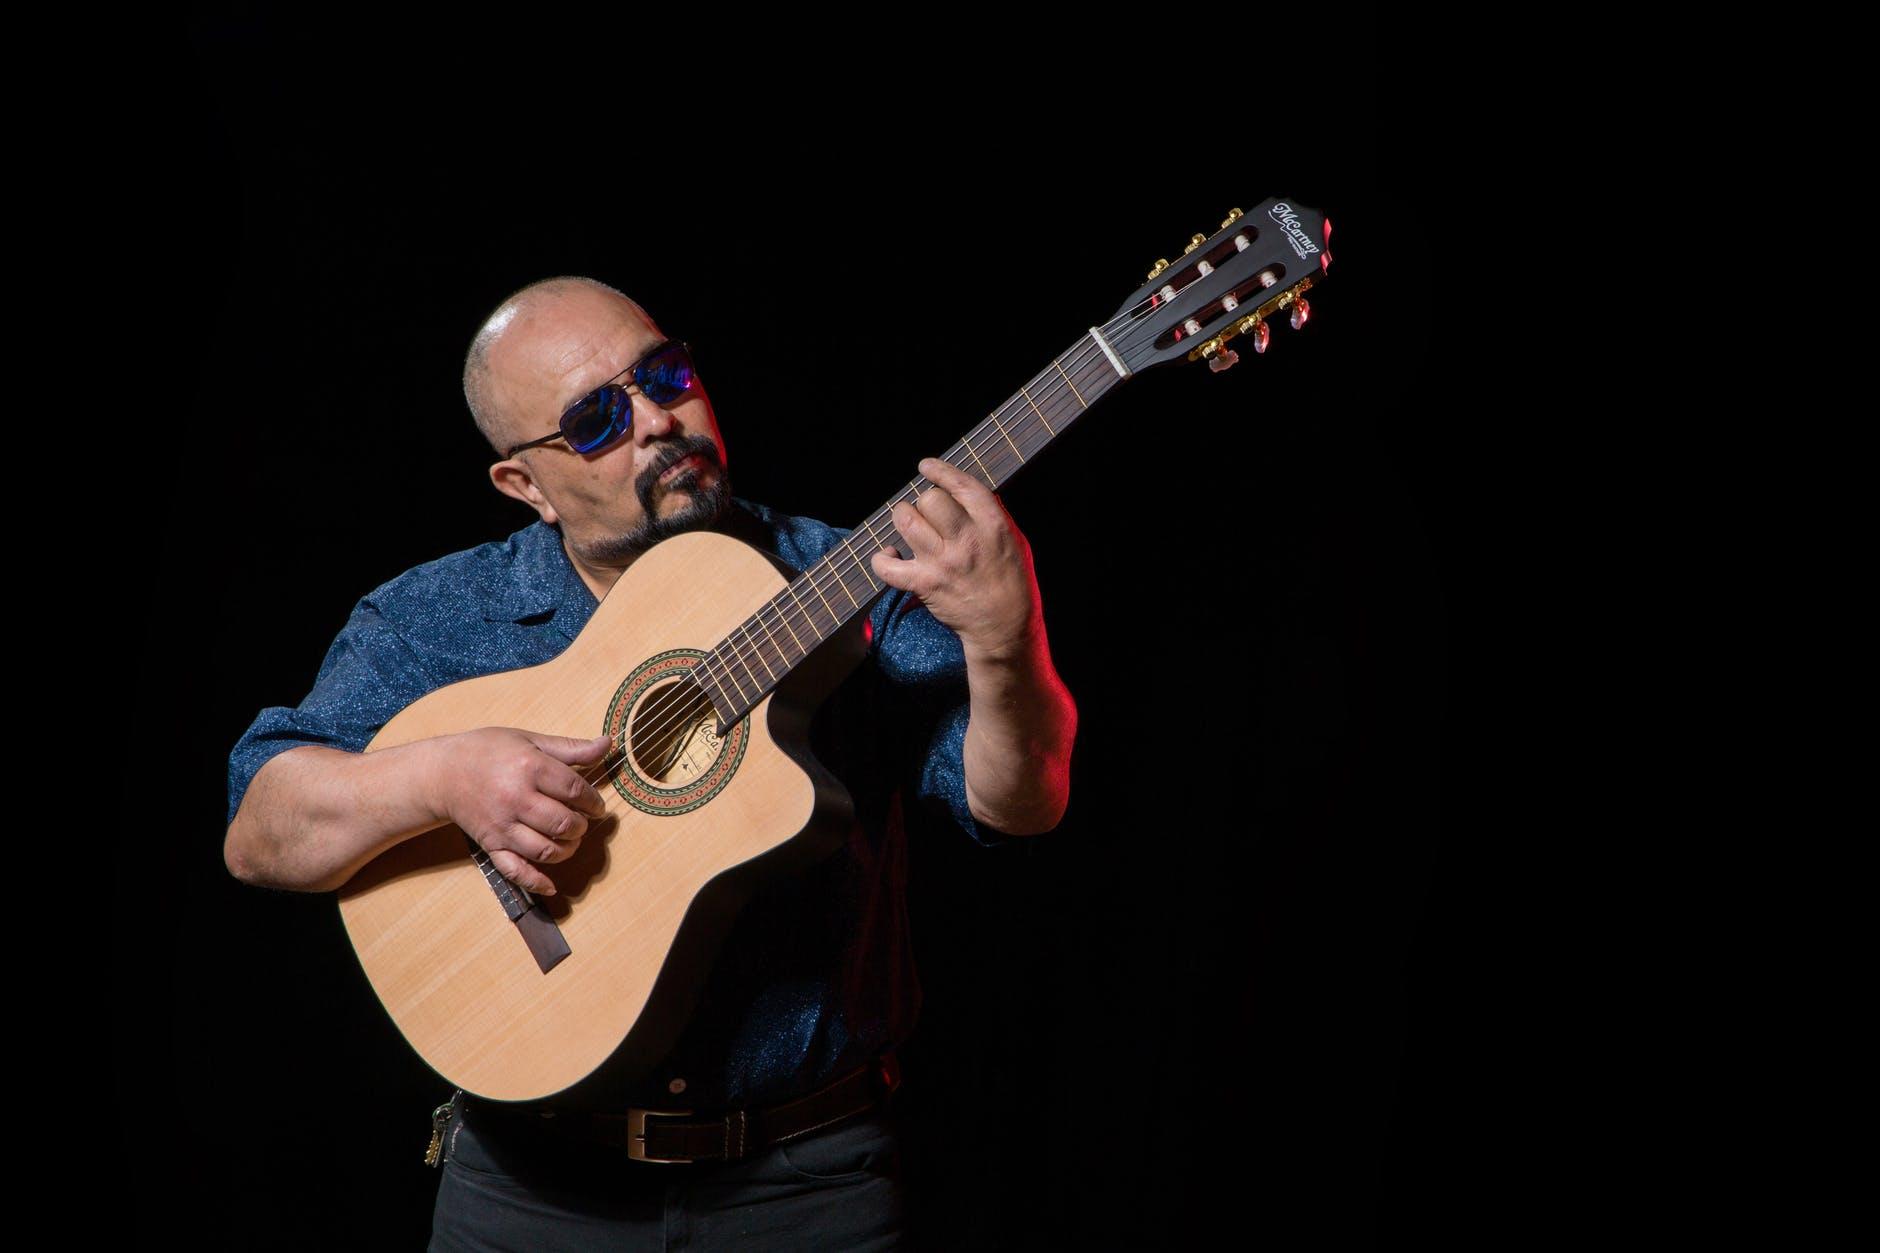 man playing the guitar using picking